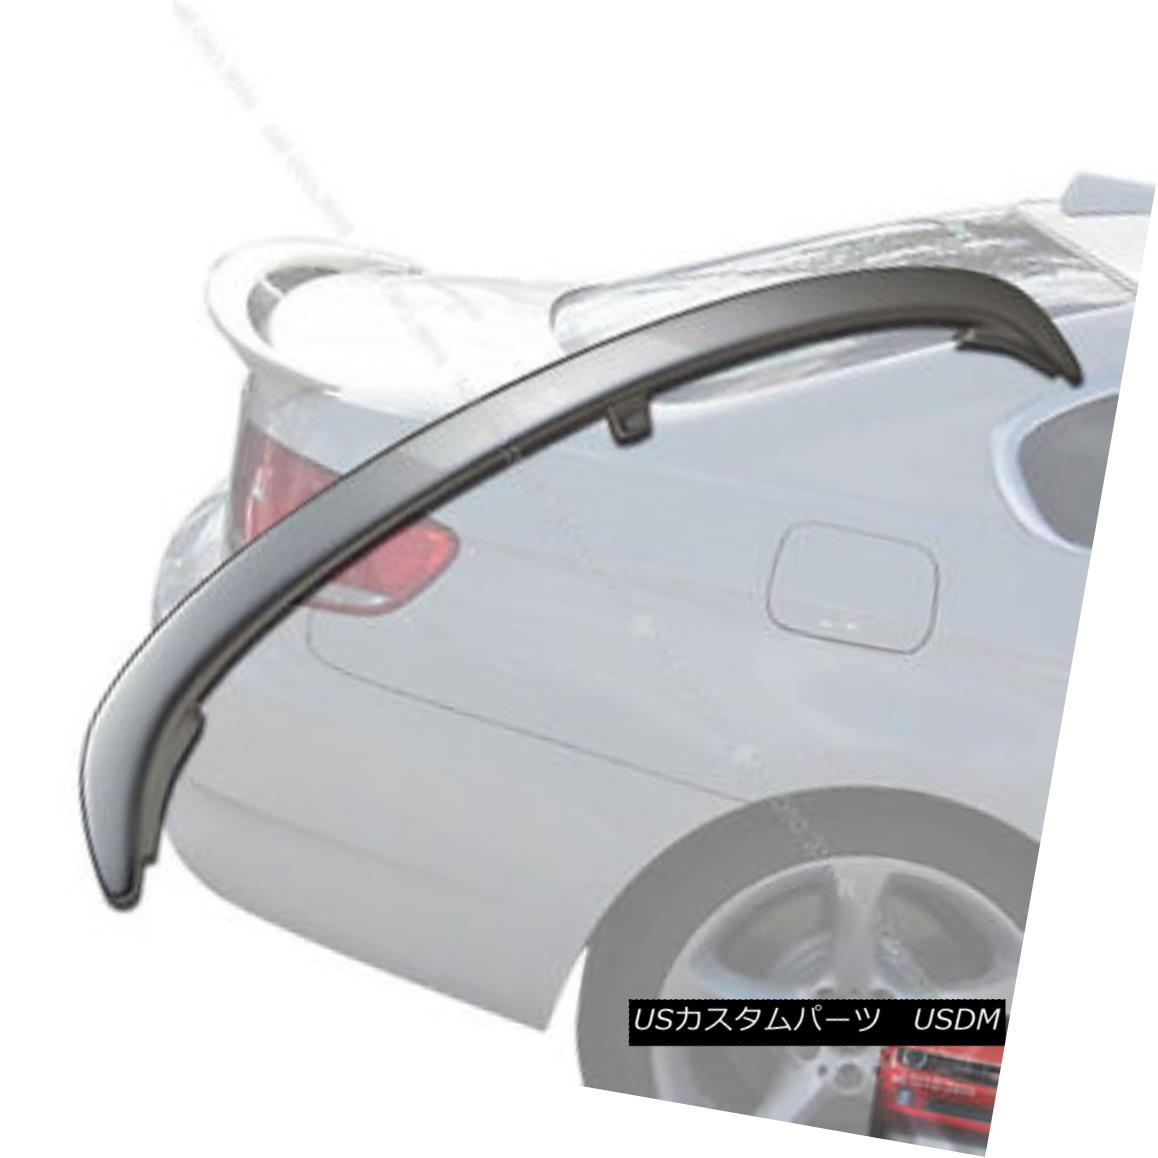 エアロパーツ Painted E92 3-Series BMW 07-13 Coupe A Boot Trunk Spoiler Silver 354 § ペイントされたE92 3シリーズBMW 07-13クーペAブーツトランク・スポイラーシルバー354